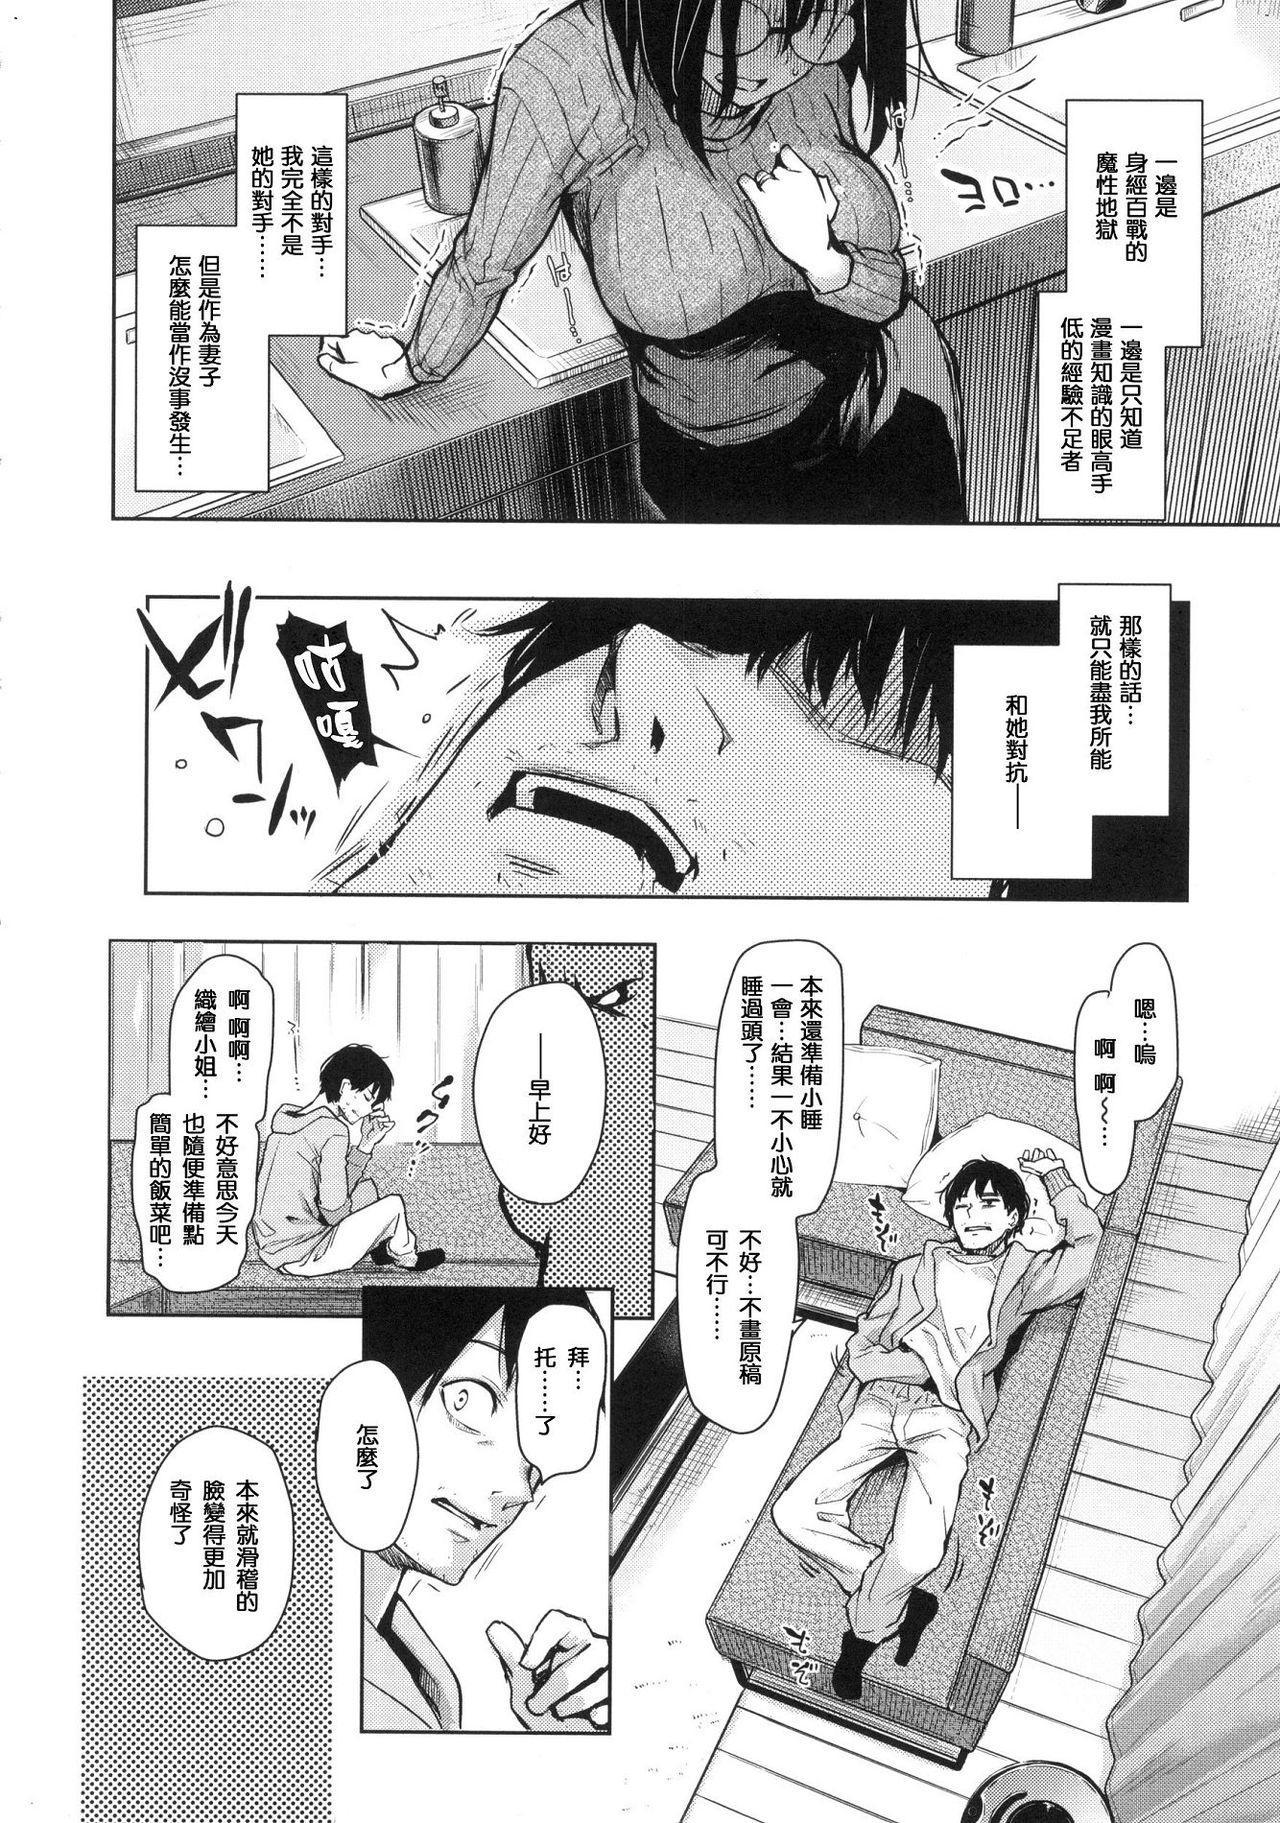 Azato Making Shokai Genteiban 76